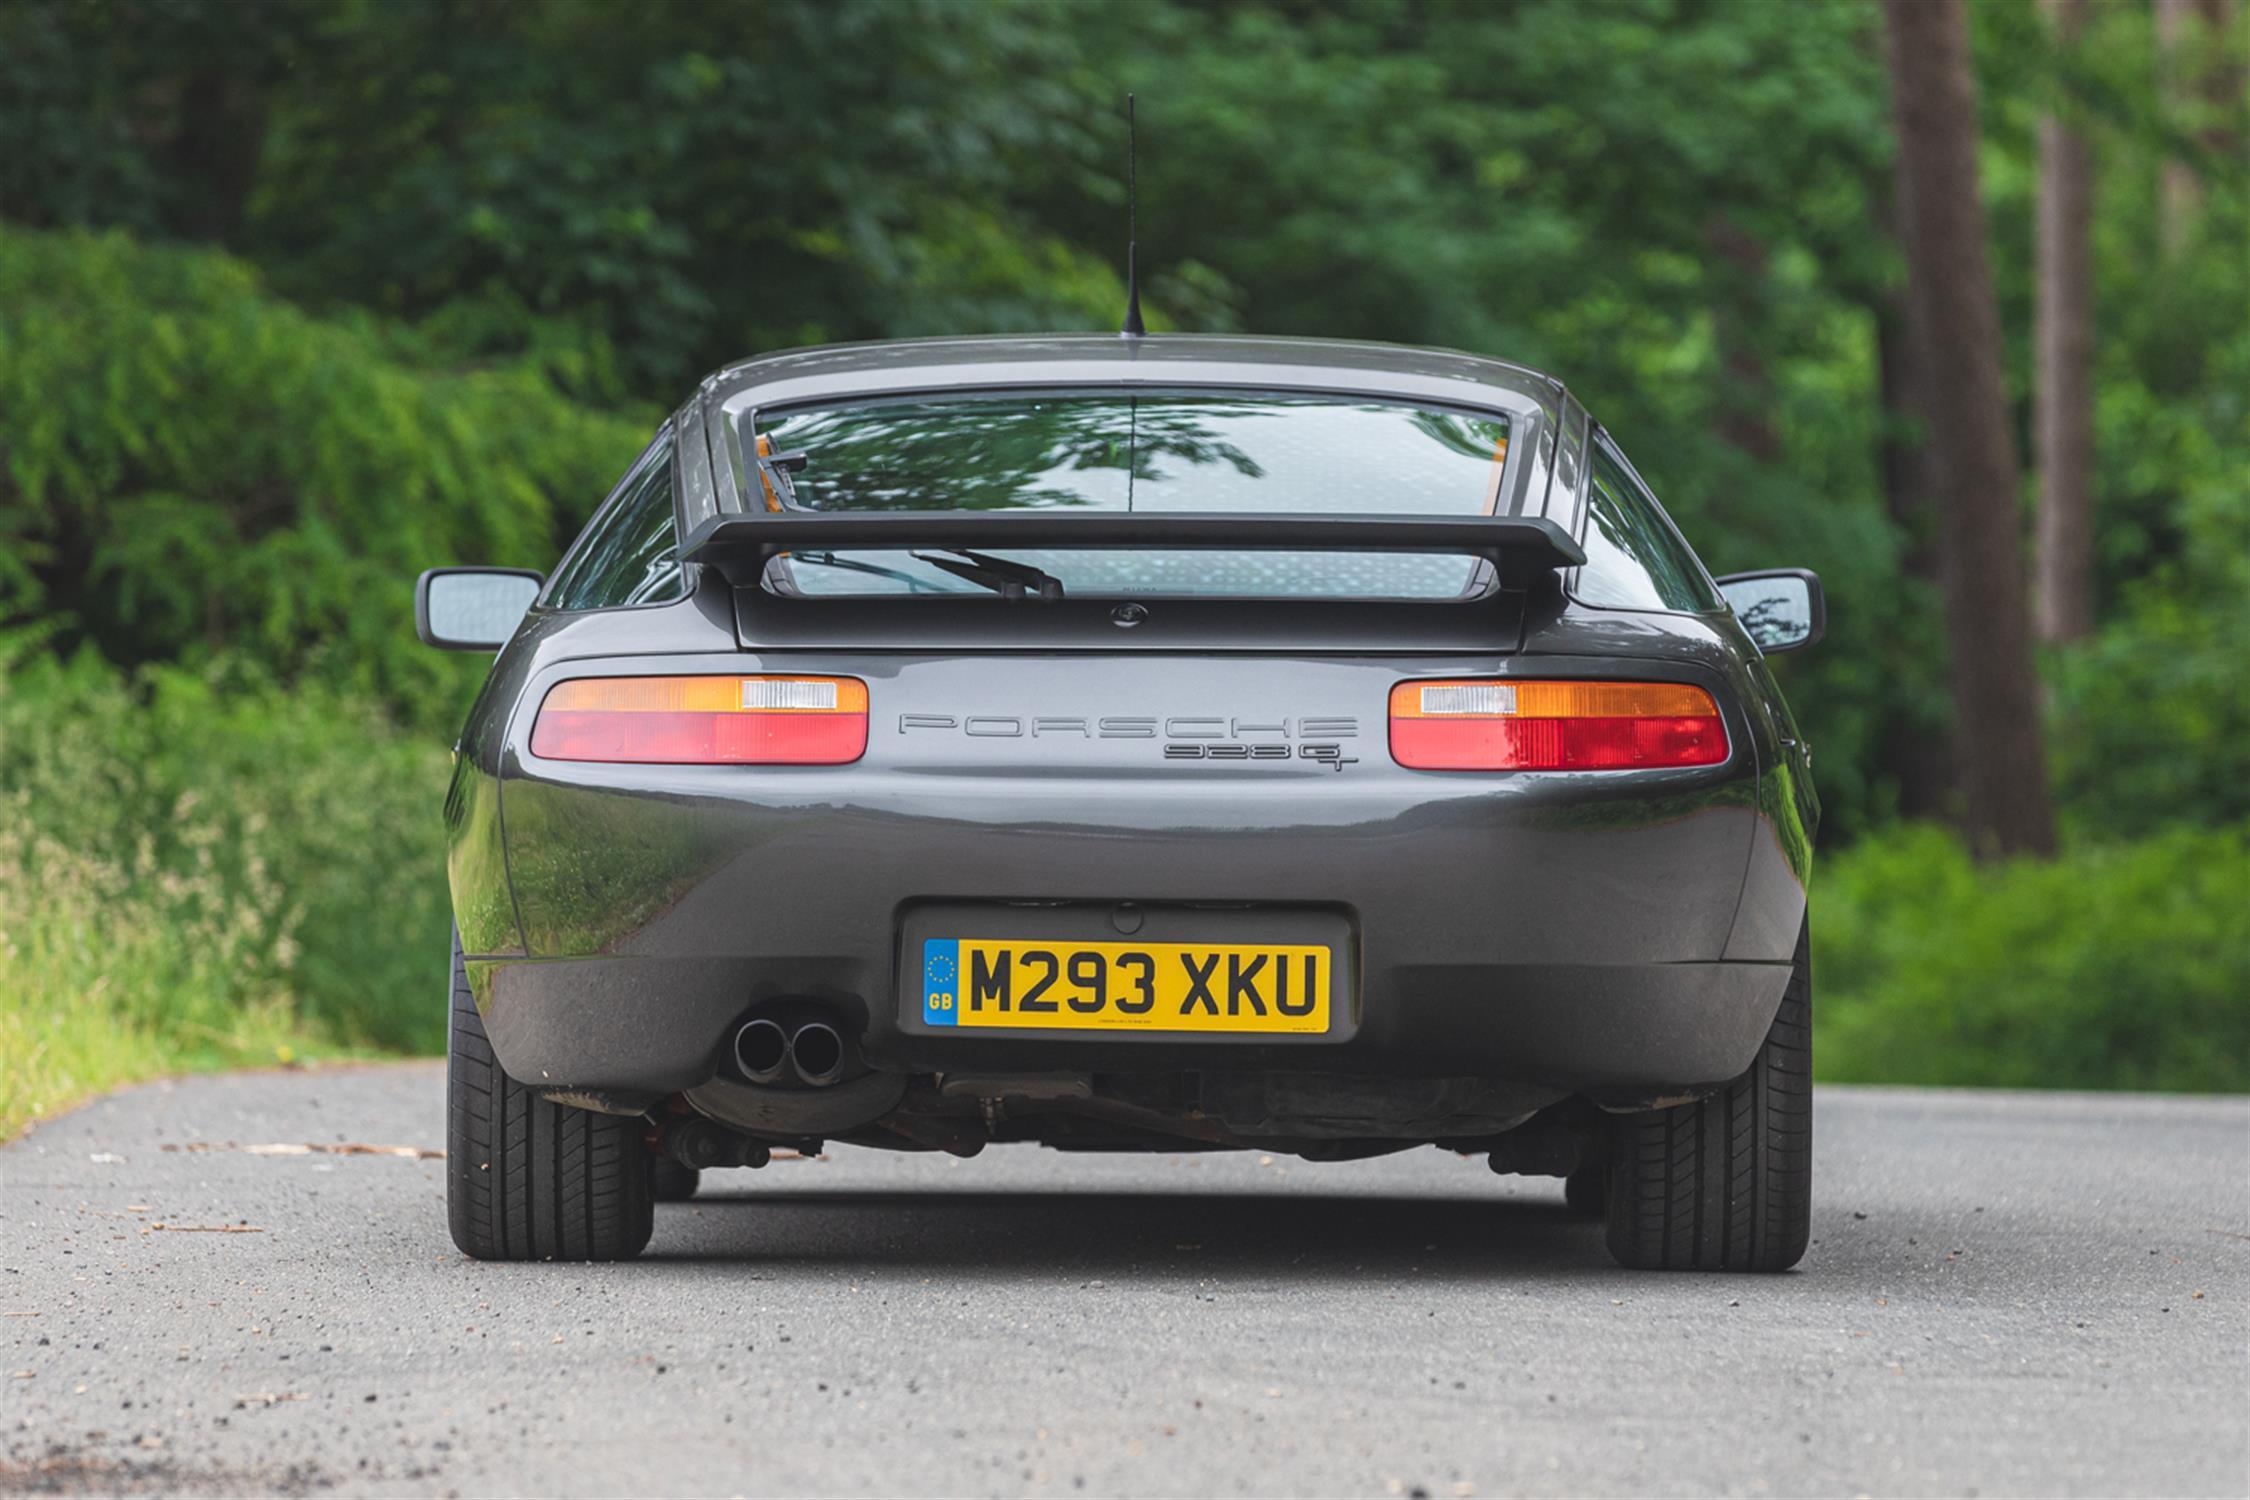 1991 Porsche 928 GT - Image 4 of 10